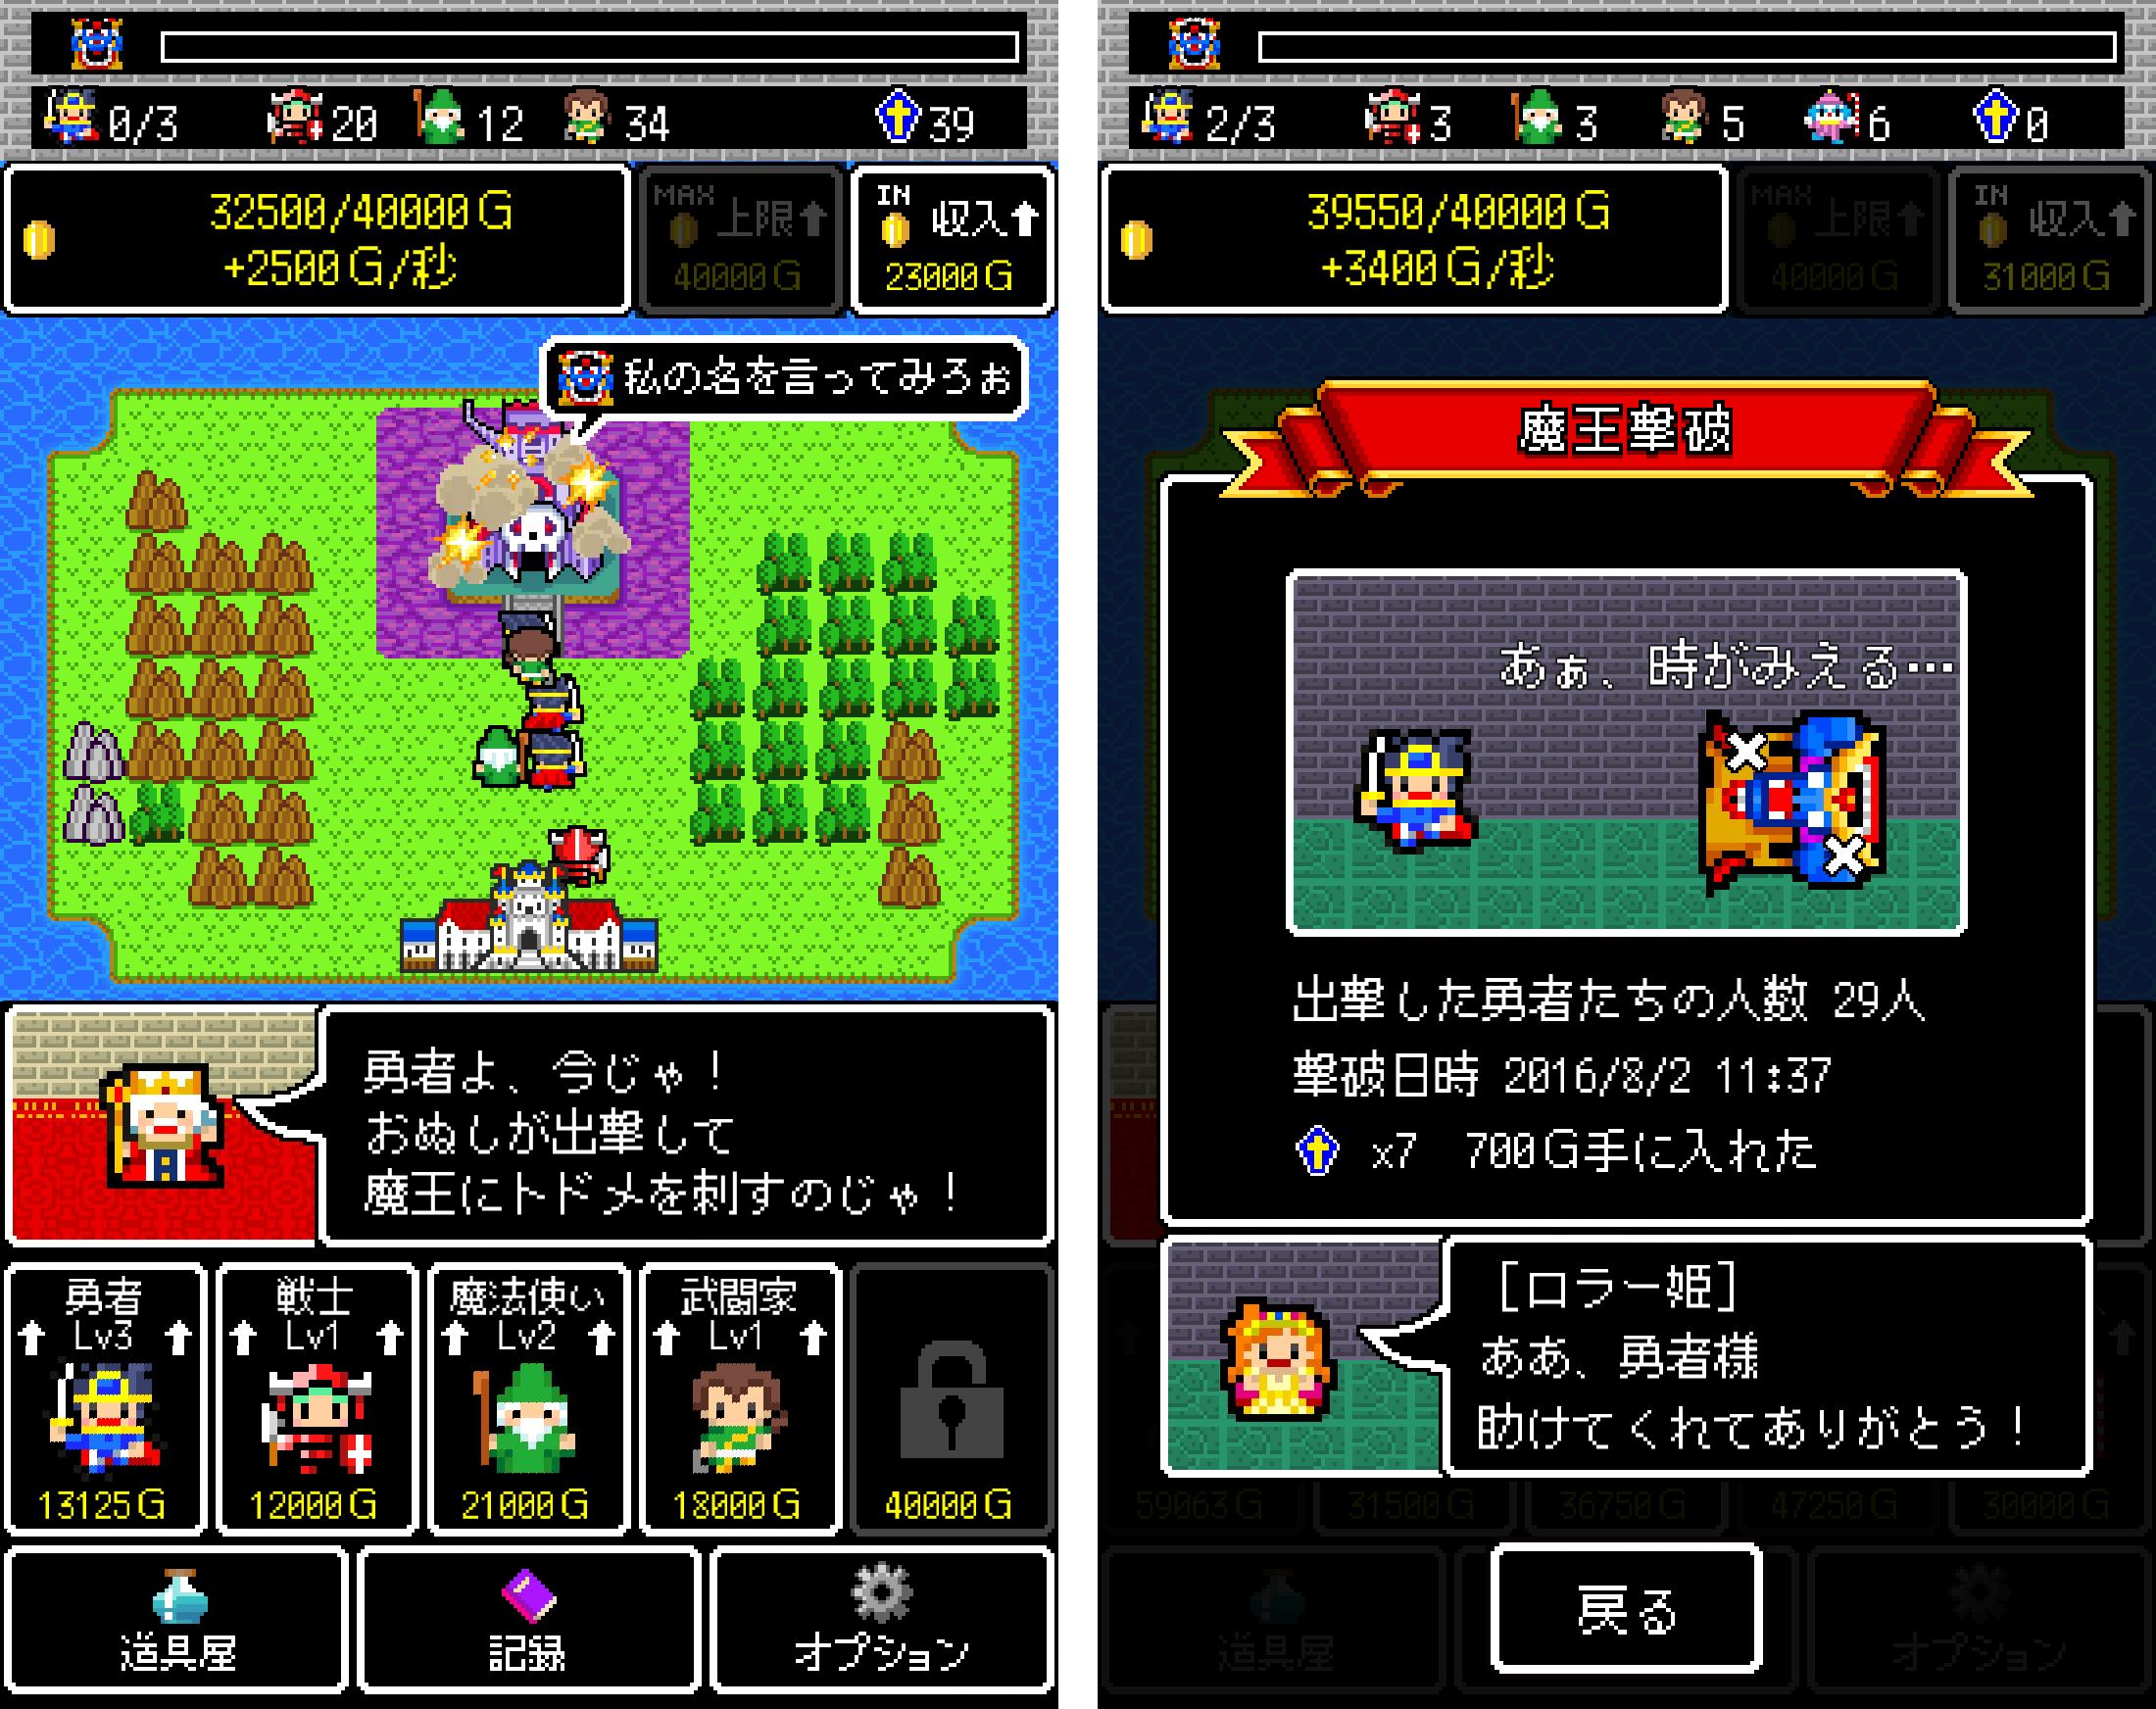 魔王クエスト androidアプリスクリーンショット1